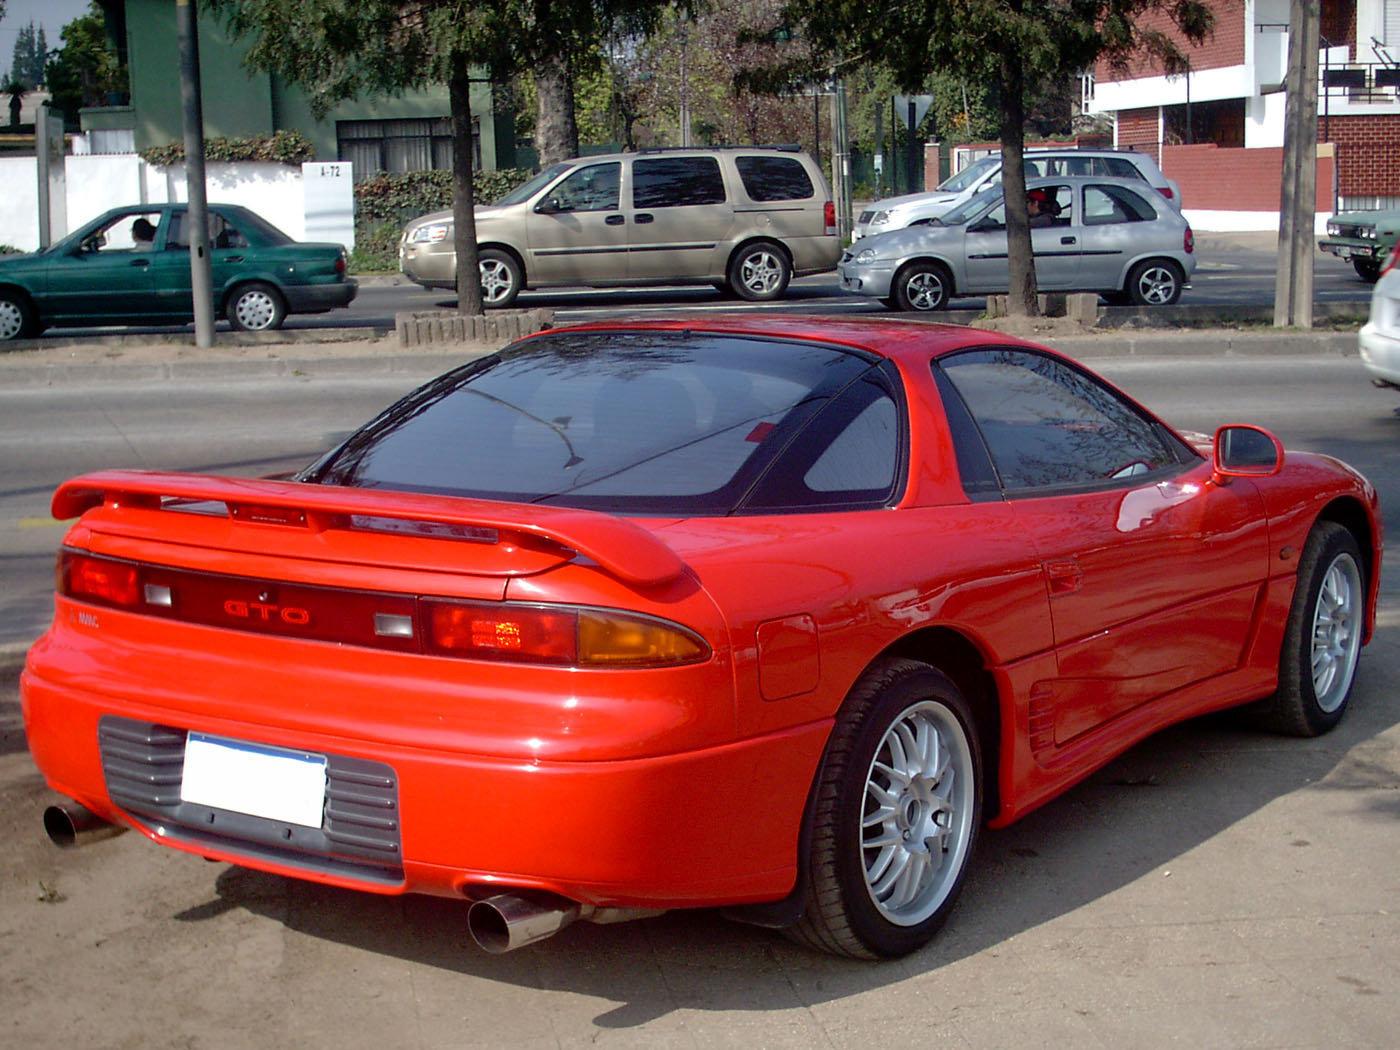 New Mitsubishi 3000gt >> Mitsubishi 3000 GTO VR4: Photos, Reviews, News, Specs, Buy car